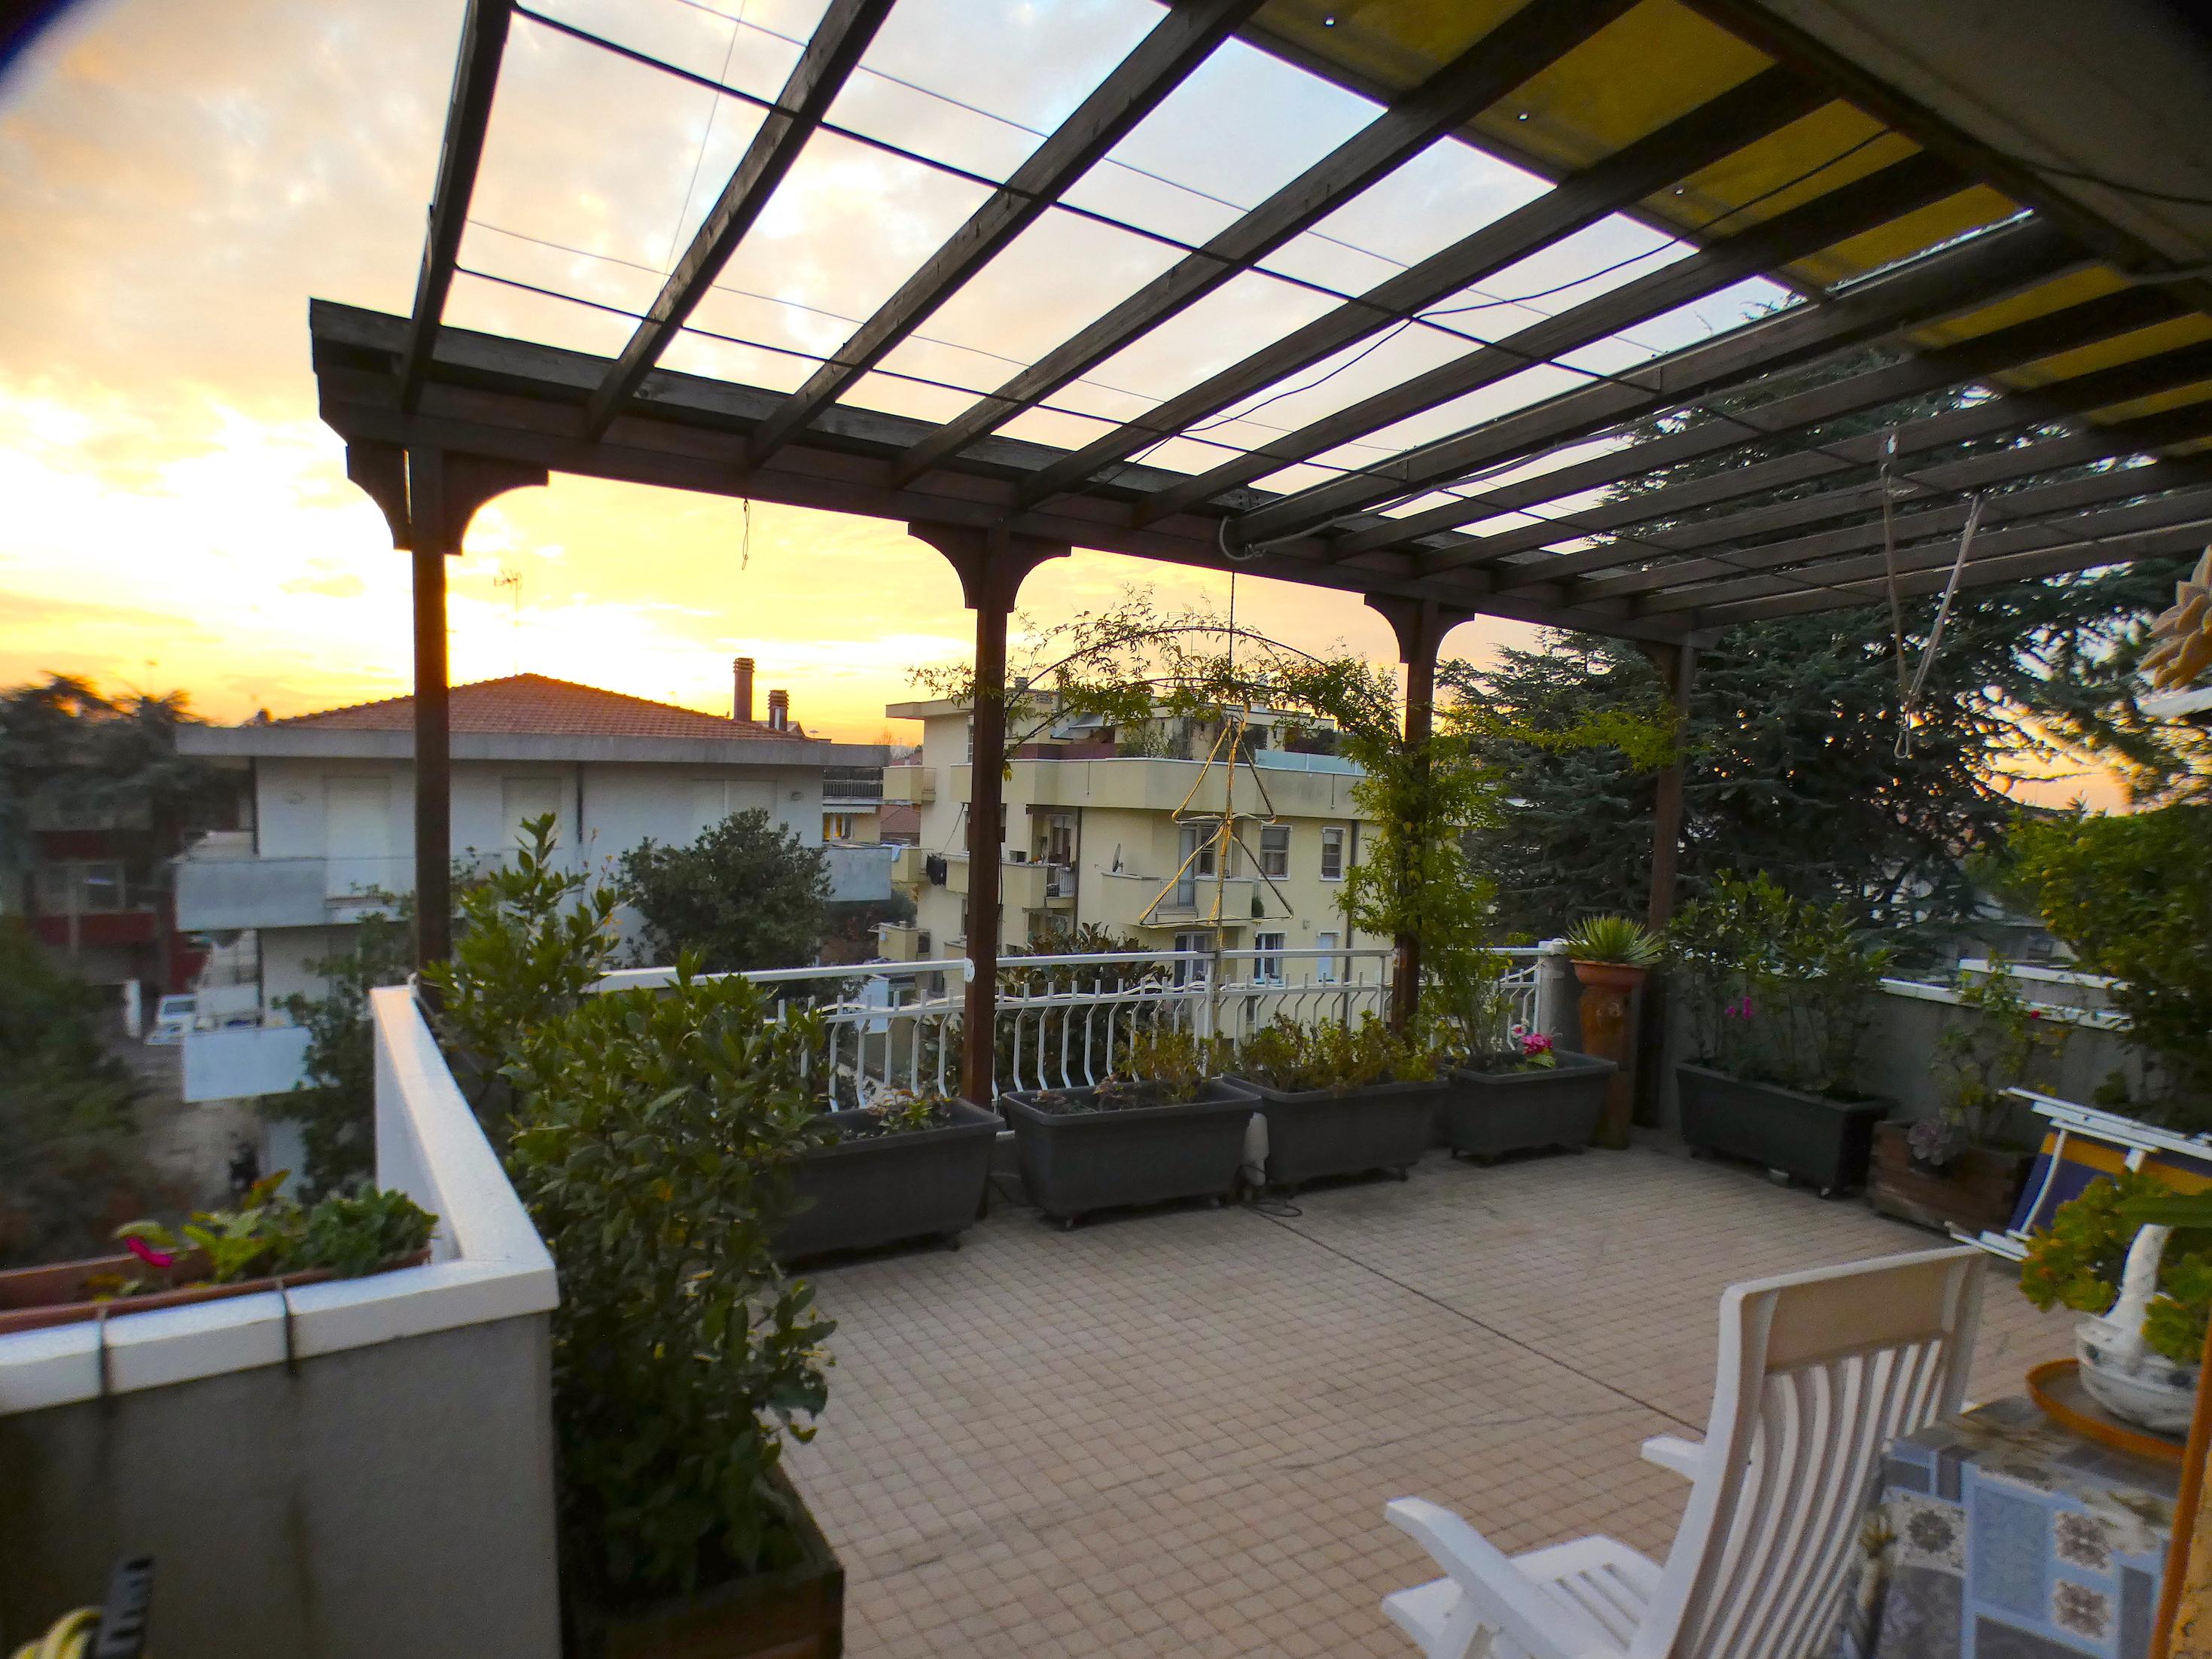 RIMINI ZONA CENTRO OSPEDALE, Ampio attico con terrazzi abitabili in vendita